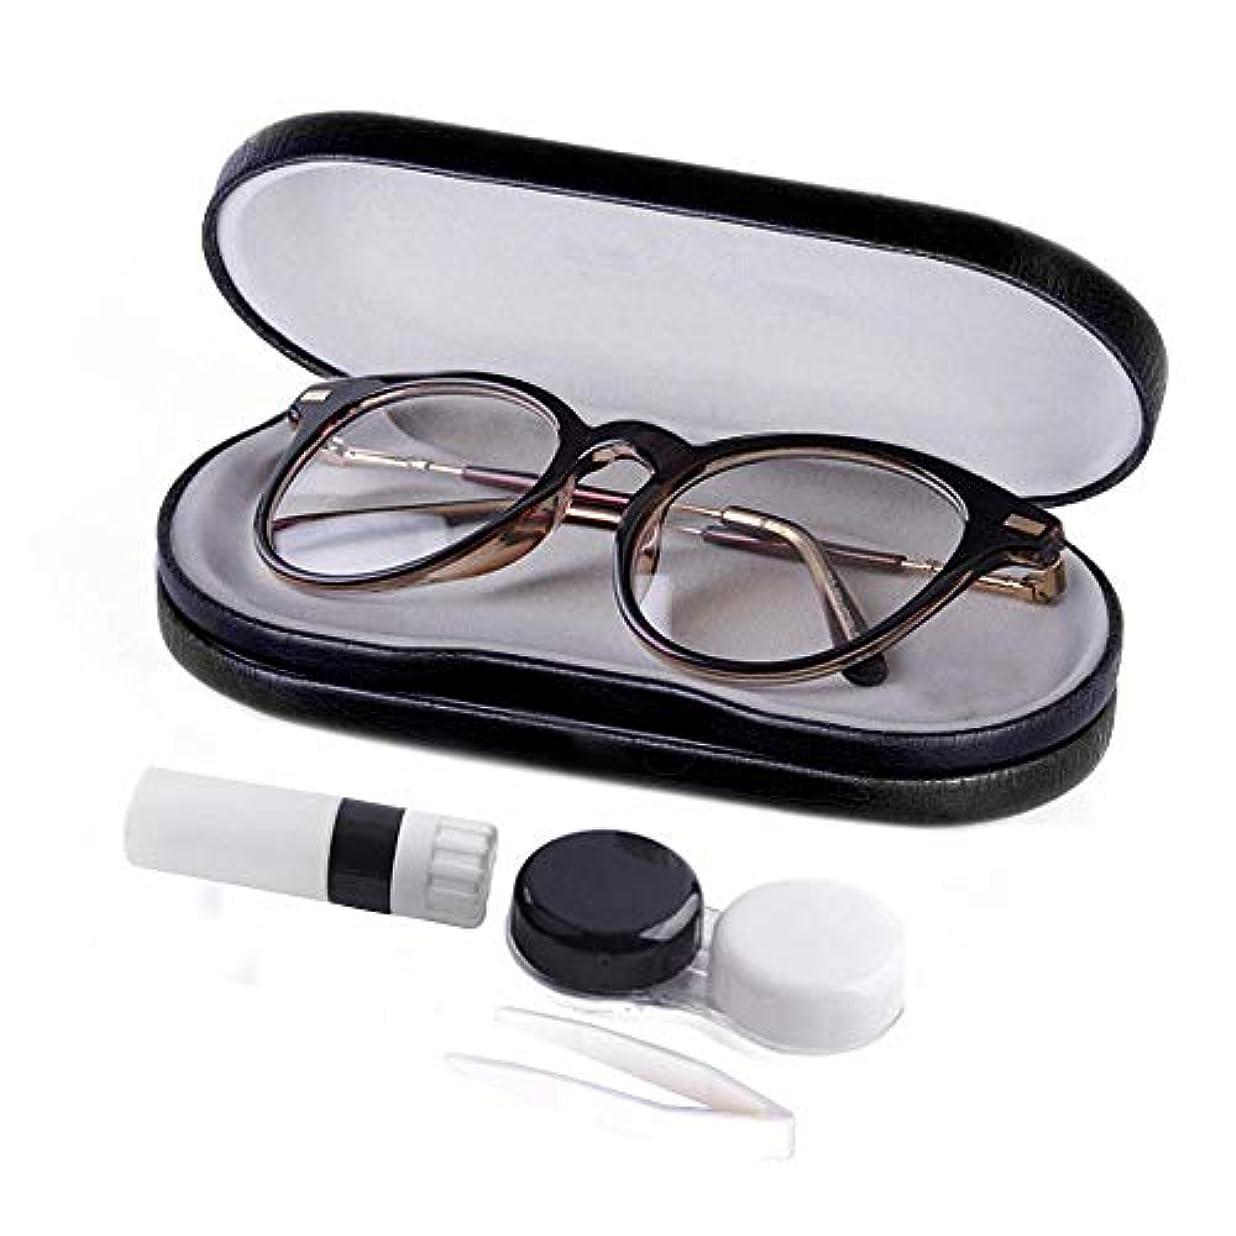 知覚できるレーニン主義特派員Coldwhite 旅行用に革新的 なコンタクトレンズケース 両面メガネ収納ケース ブラック16x7x5cm / 3x2.4x0.9inch(LxWxH)